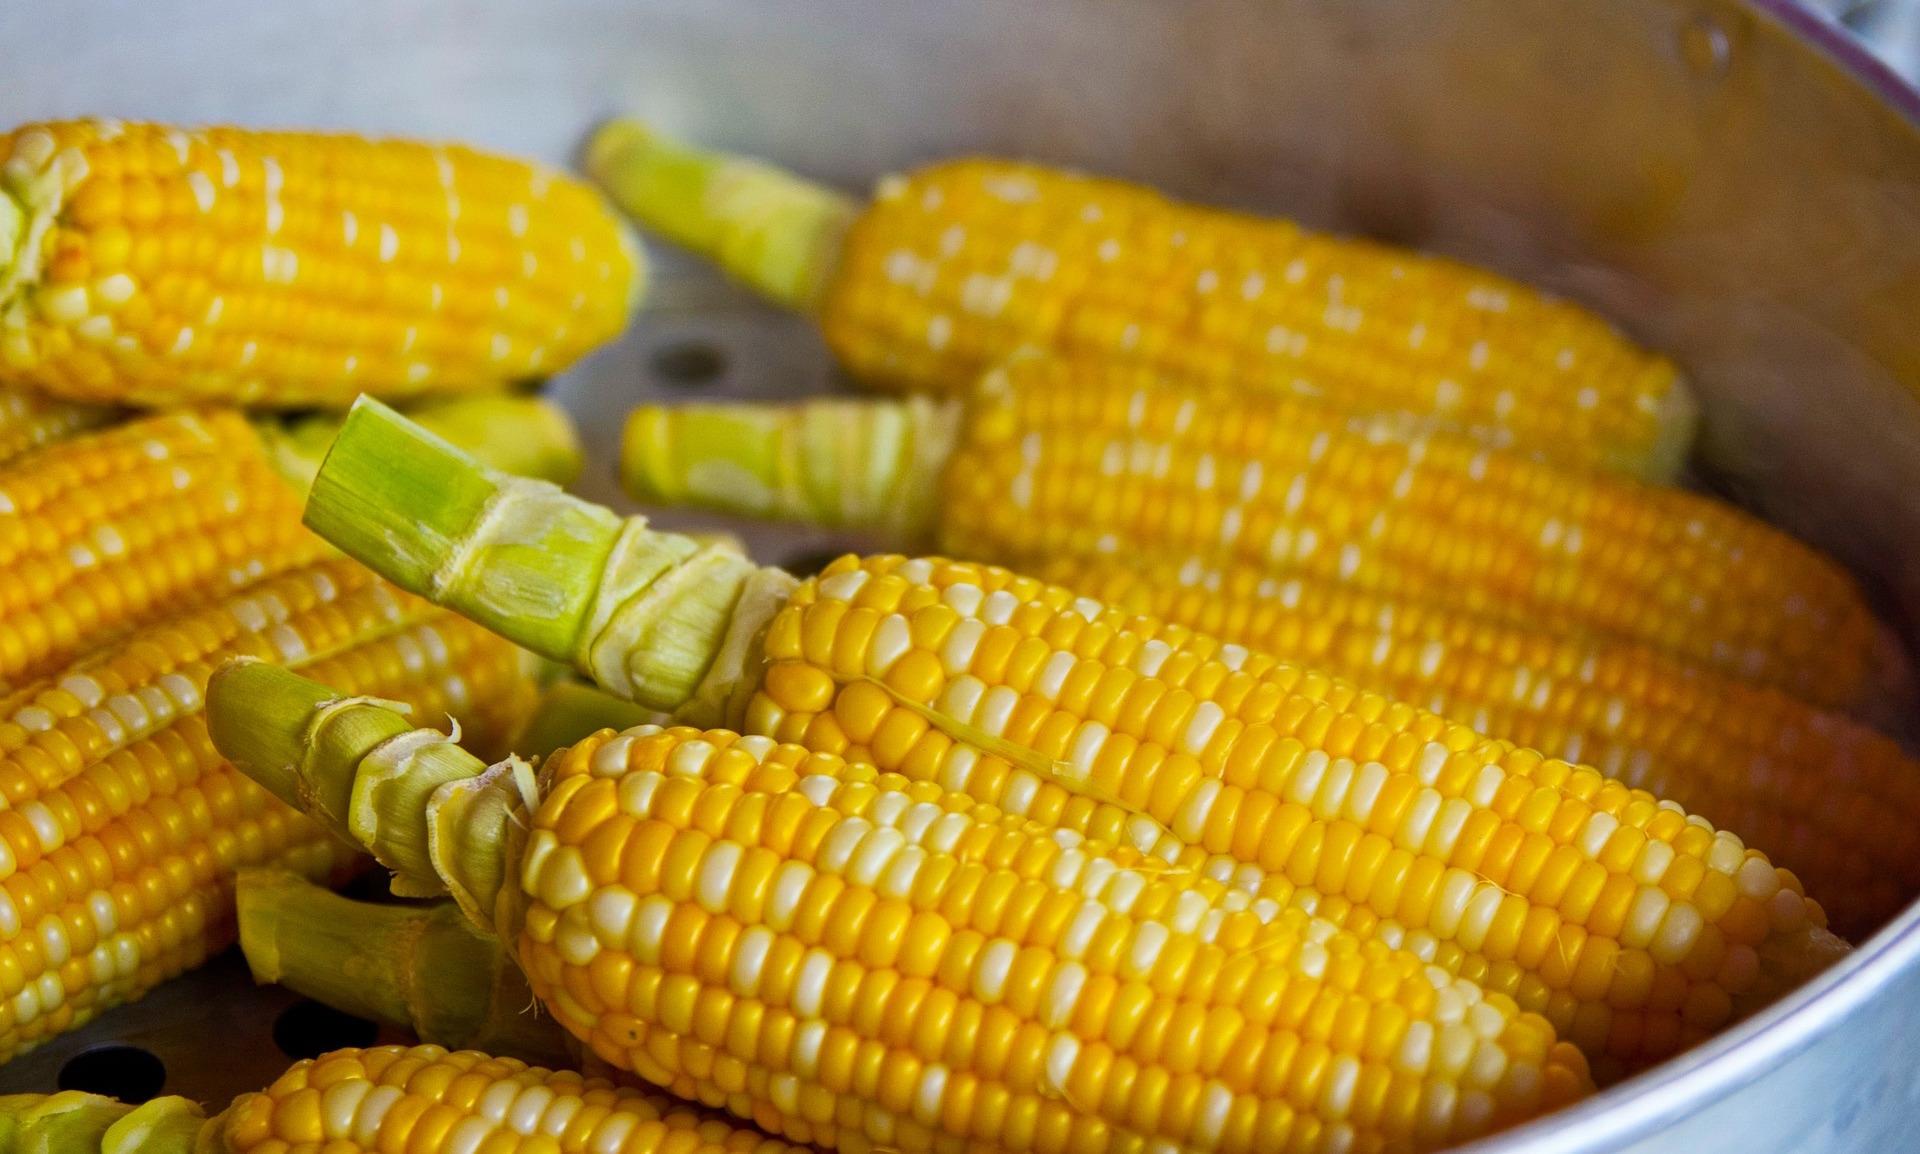 「煮玉米要用冷水還是熱水下鍋?」難怪玉米會又老又硬,教你讓玉米更鮮嫩好吃的做法!